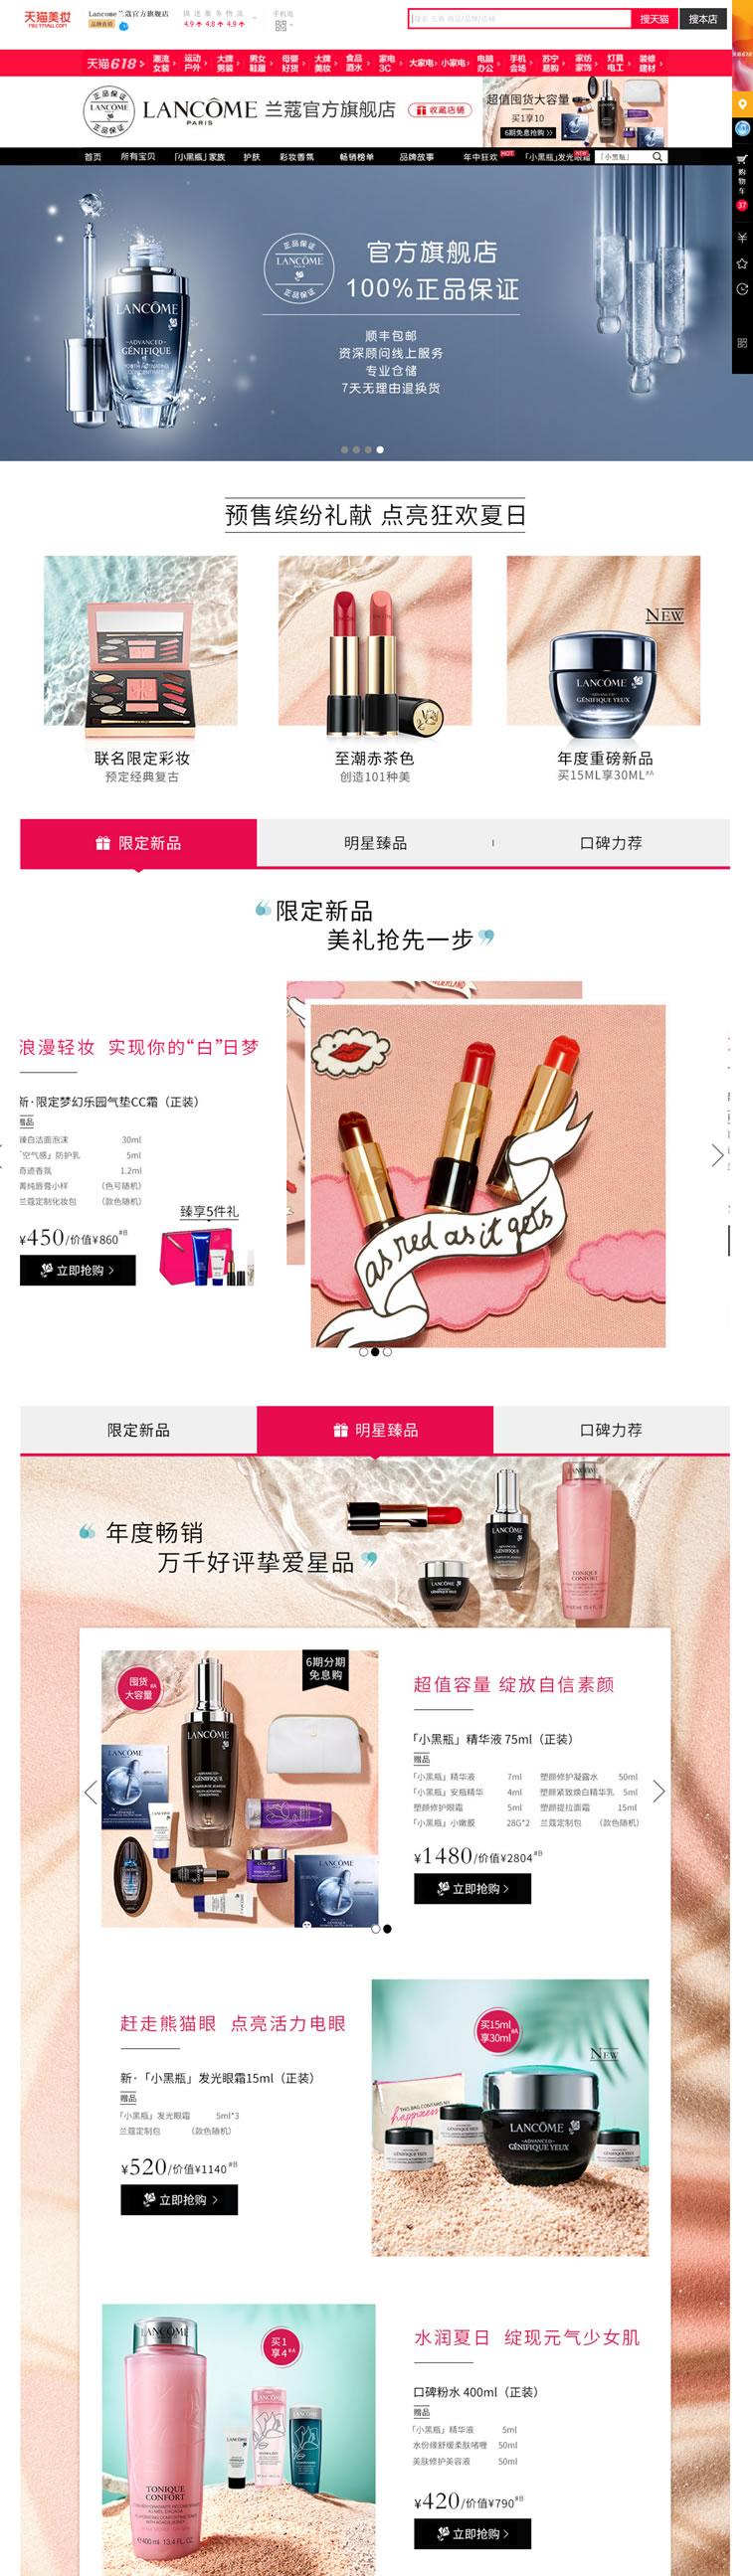 Lancome兰蔻官方旗舰店:来自法国的世界知名美妆品牌